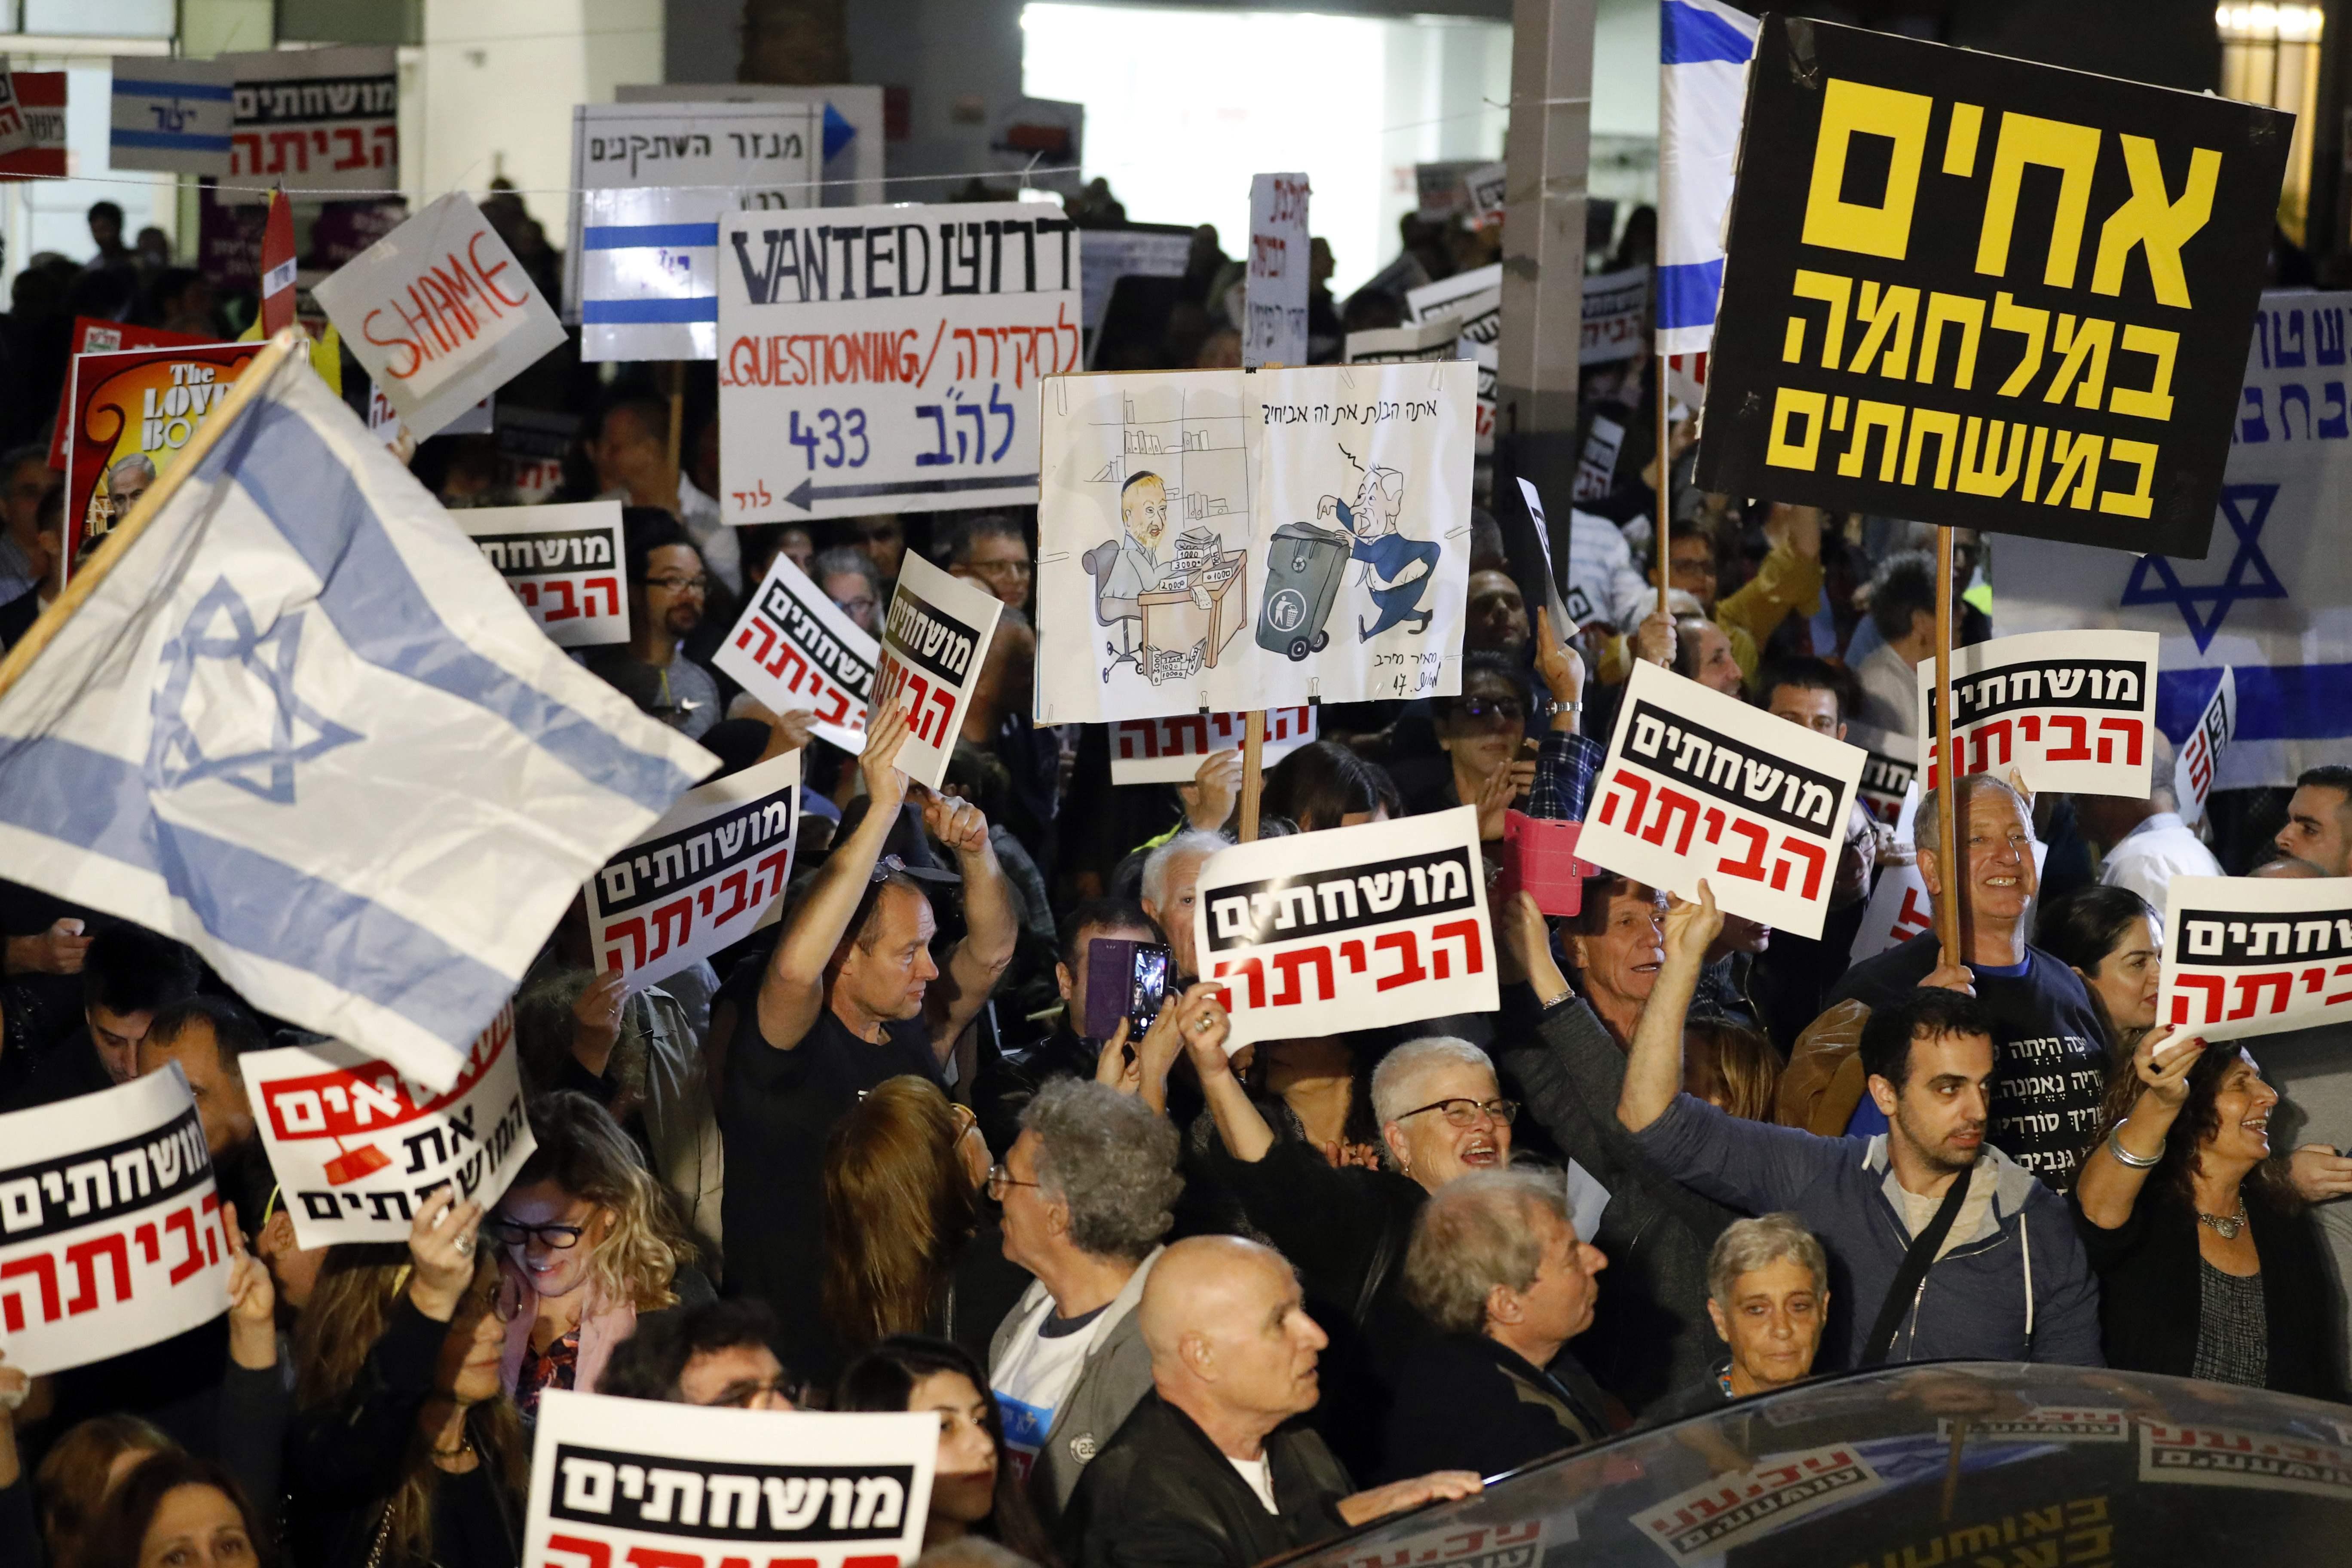 المظاهرات فى إسرائيل للمطالبة باستقالة نتنياهو